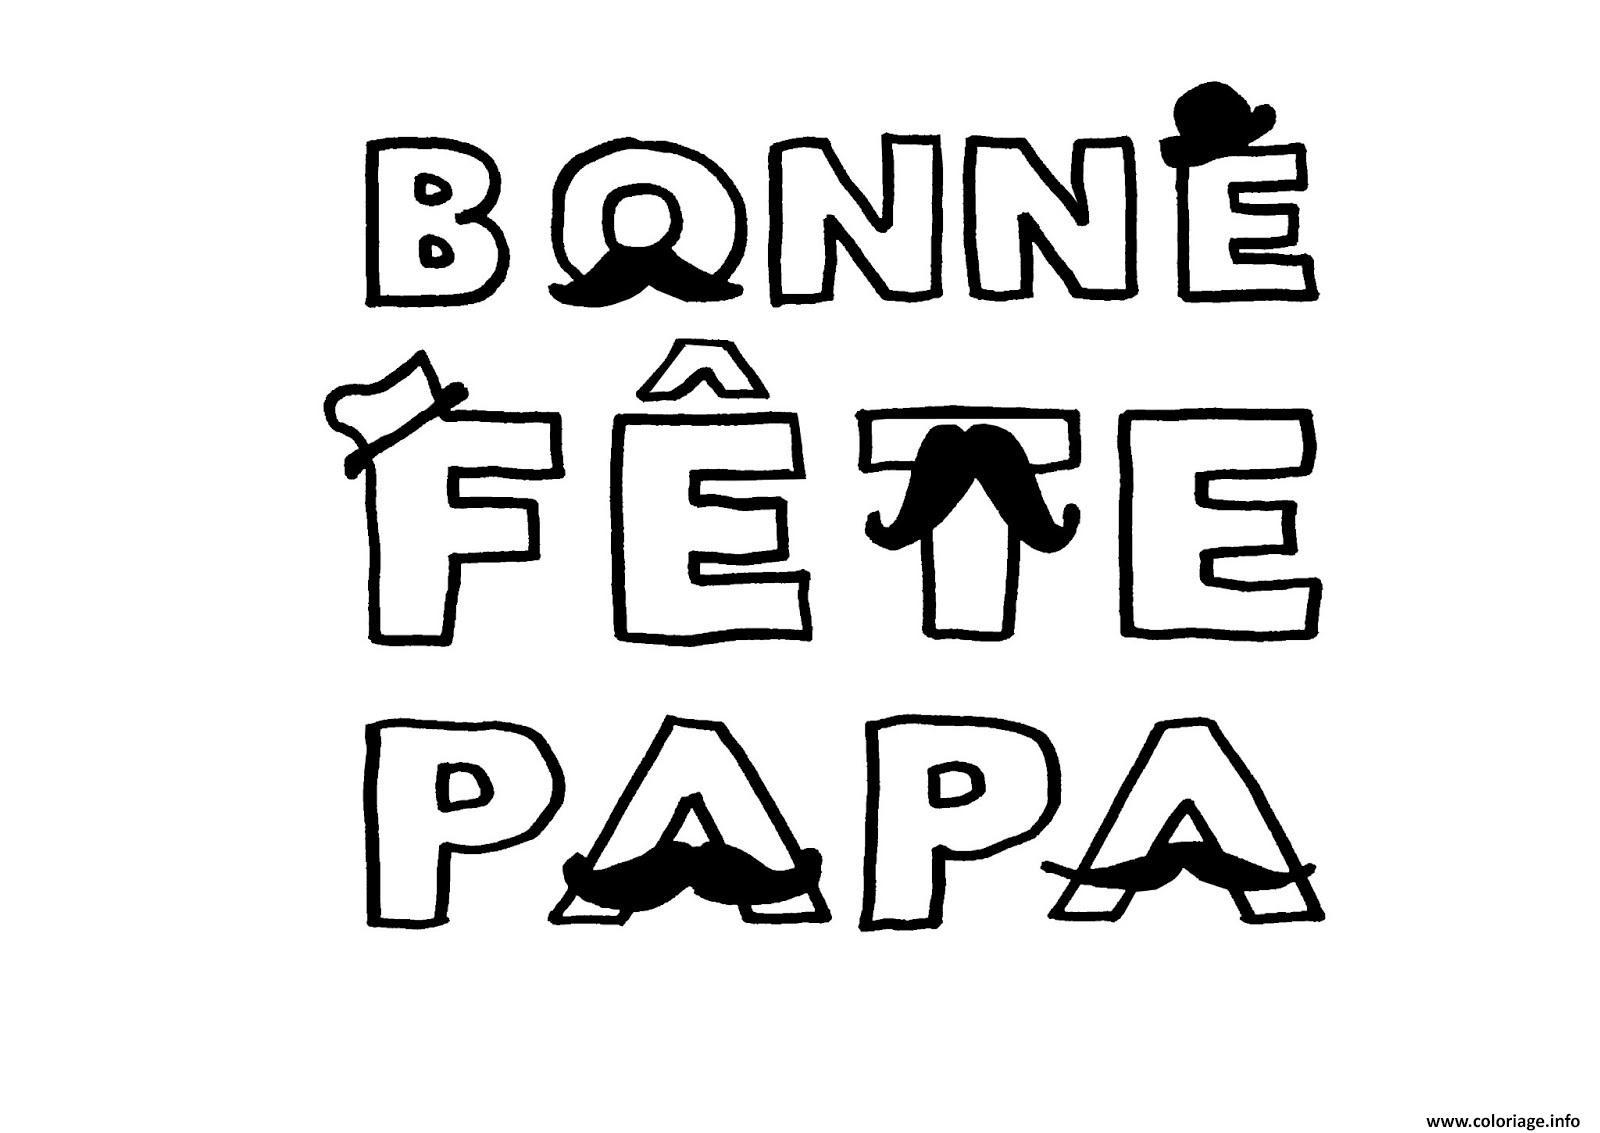 Coloriage bonne fete papa avec moustaches dessin - Coloriage bonne fete papa a imprimer ...